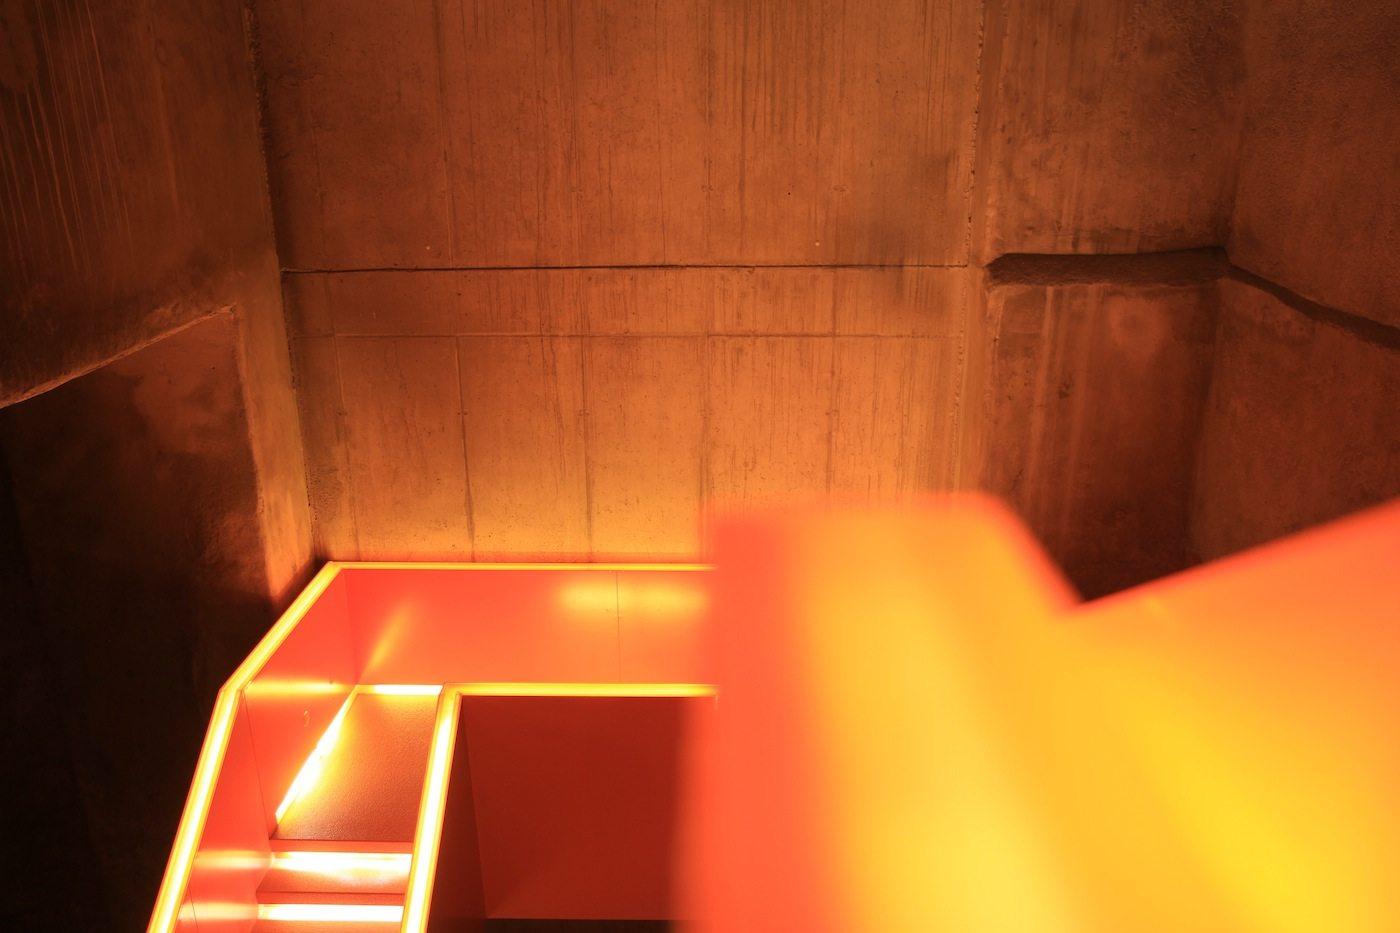 Zeche Zollverein.  LED-Profile leiten durch das Treppenhaus, das alle Ausstellungsebenen miteinander verbindet.